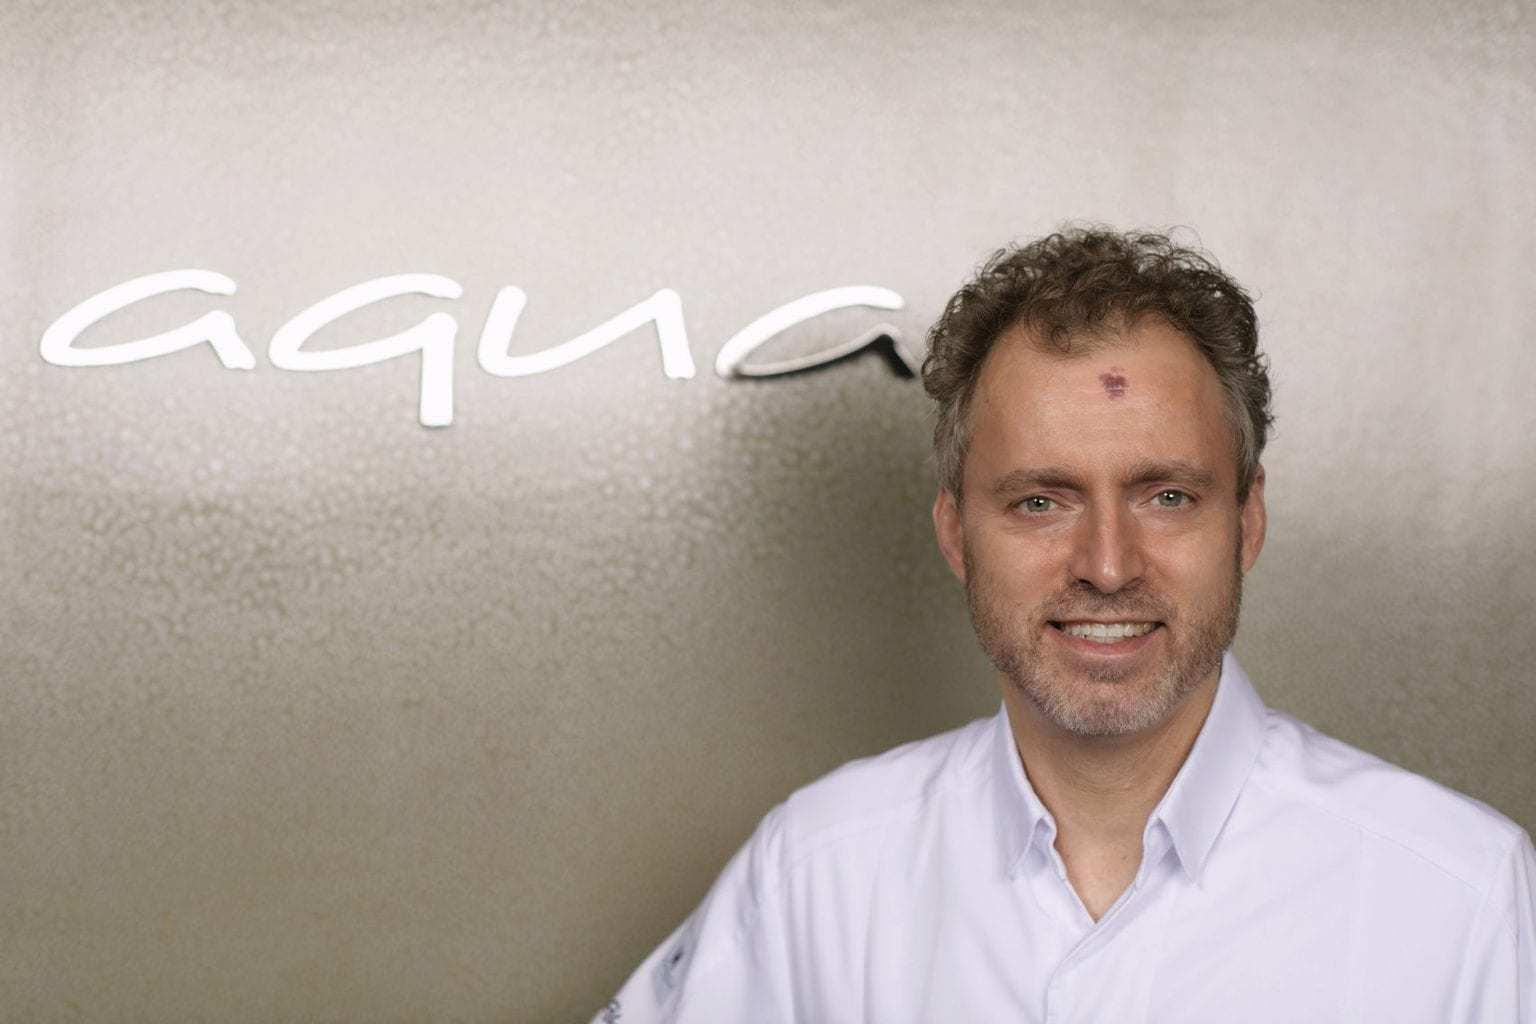 Chef Sven Elverfeld van restaurant Aqua in Wolfsburg is een van de beste koks in Duitsland